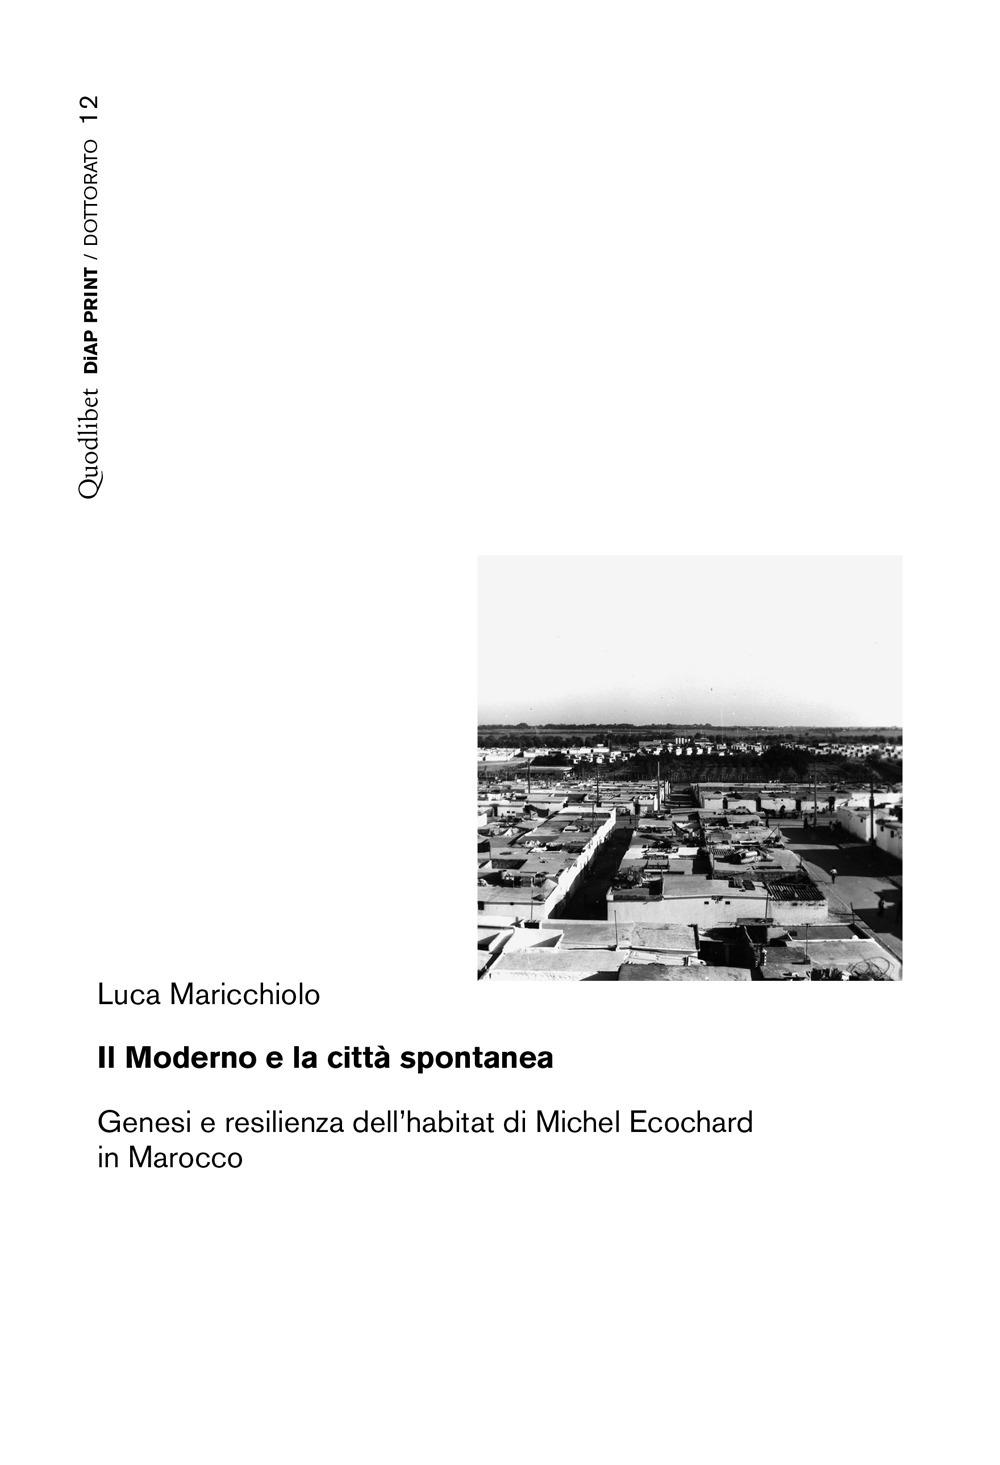 MODERNO E LA CITTÀ SPONTANEA. GENESI E RESILIENZA DELL'HABITAT DI MICHEL ECOCHARD IN MAROCCO (IL) - Maricchiolo Luca - 9788822905123